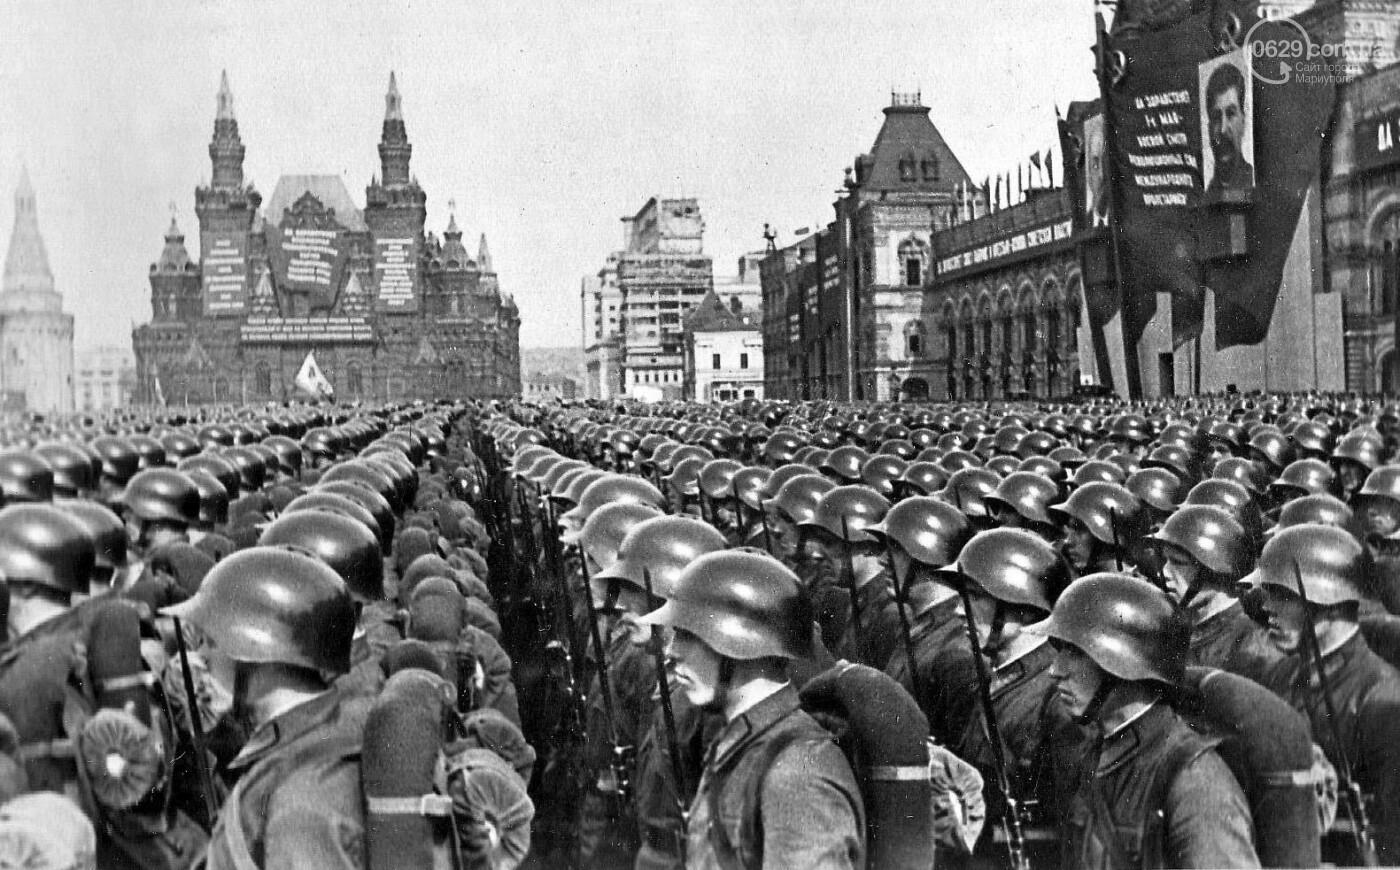 Более 10 млн погибших украинцев... В Мариуполе почтили память жертв Второй мировой войны, - ФОТОРЕПОРТАЖ, фото-1